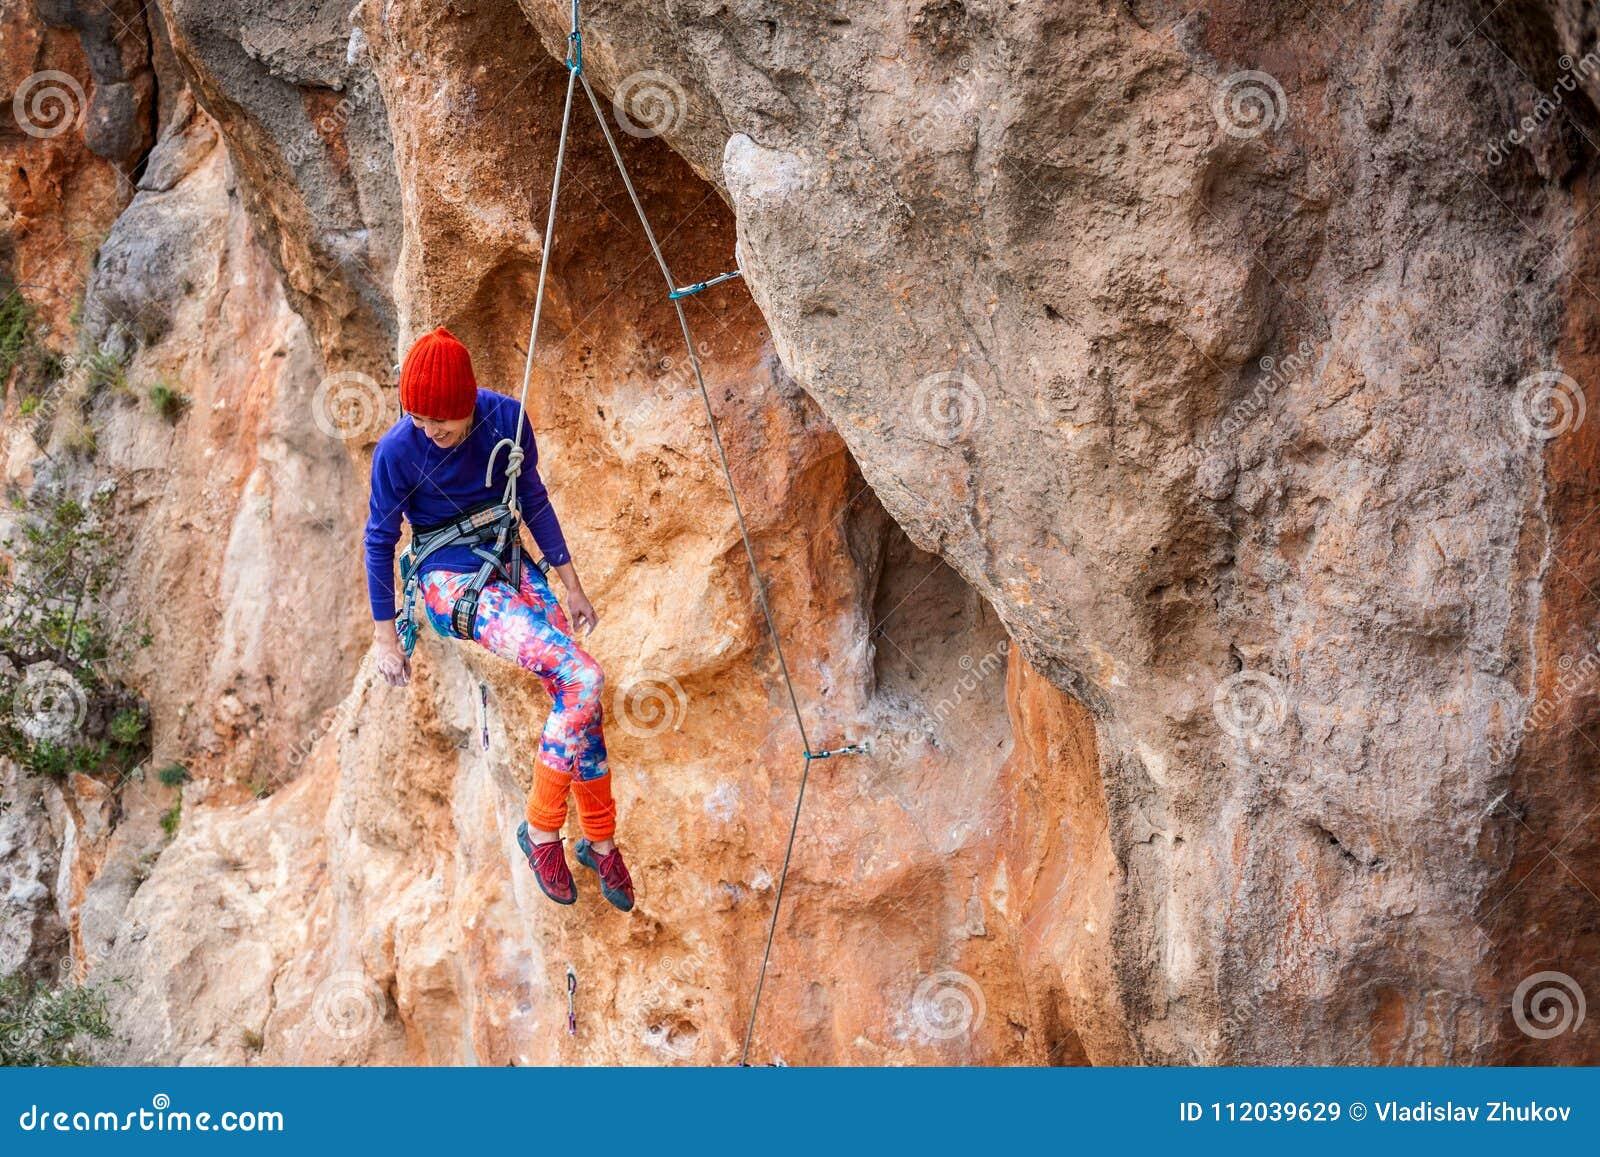 Альпинист висит на веревочке